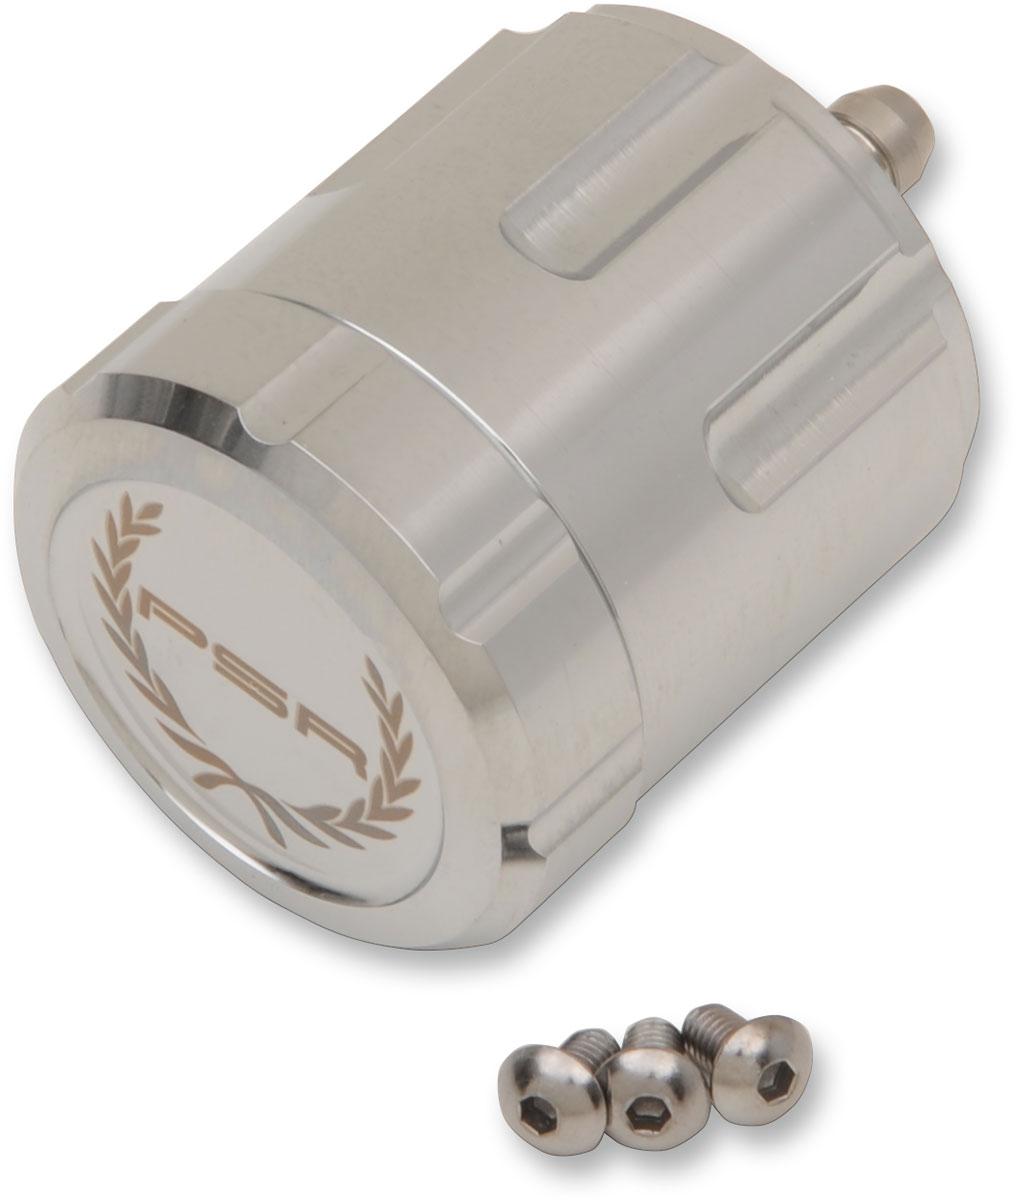 PSR Front Brake Reservoir Cup (Chrome) 07-01800-20